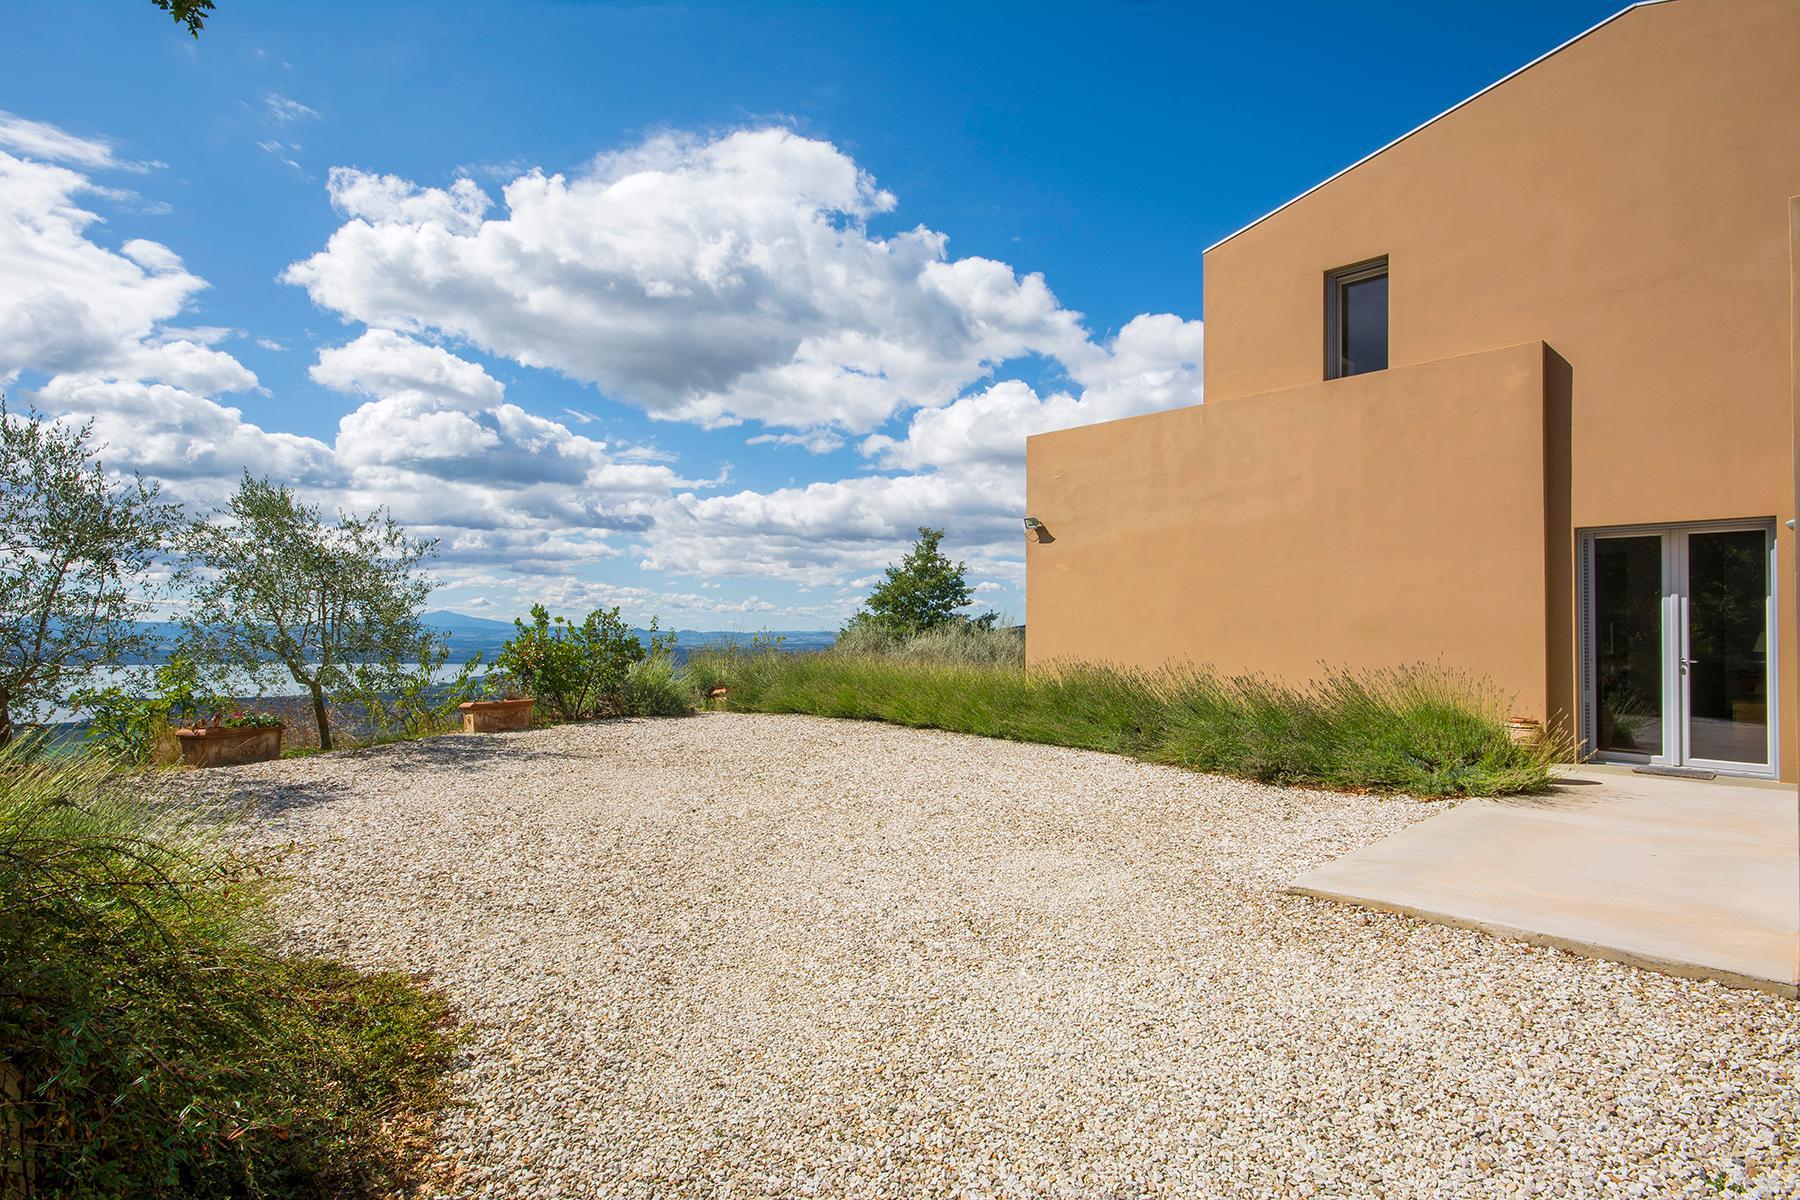 Villa moderna con finiture di pregio in posizione vista lago esclusiva - 5